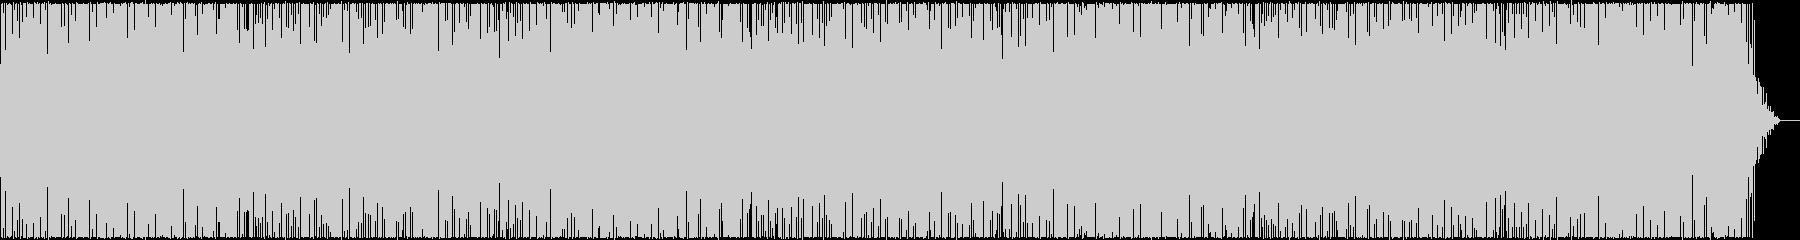 お洒落でパワフルなピアノのBGMの未再生の波形